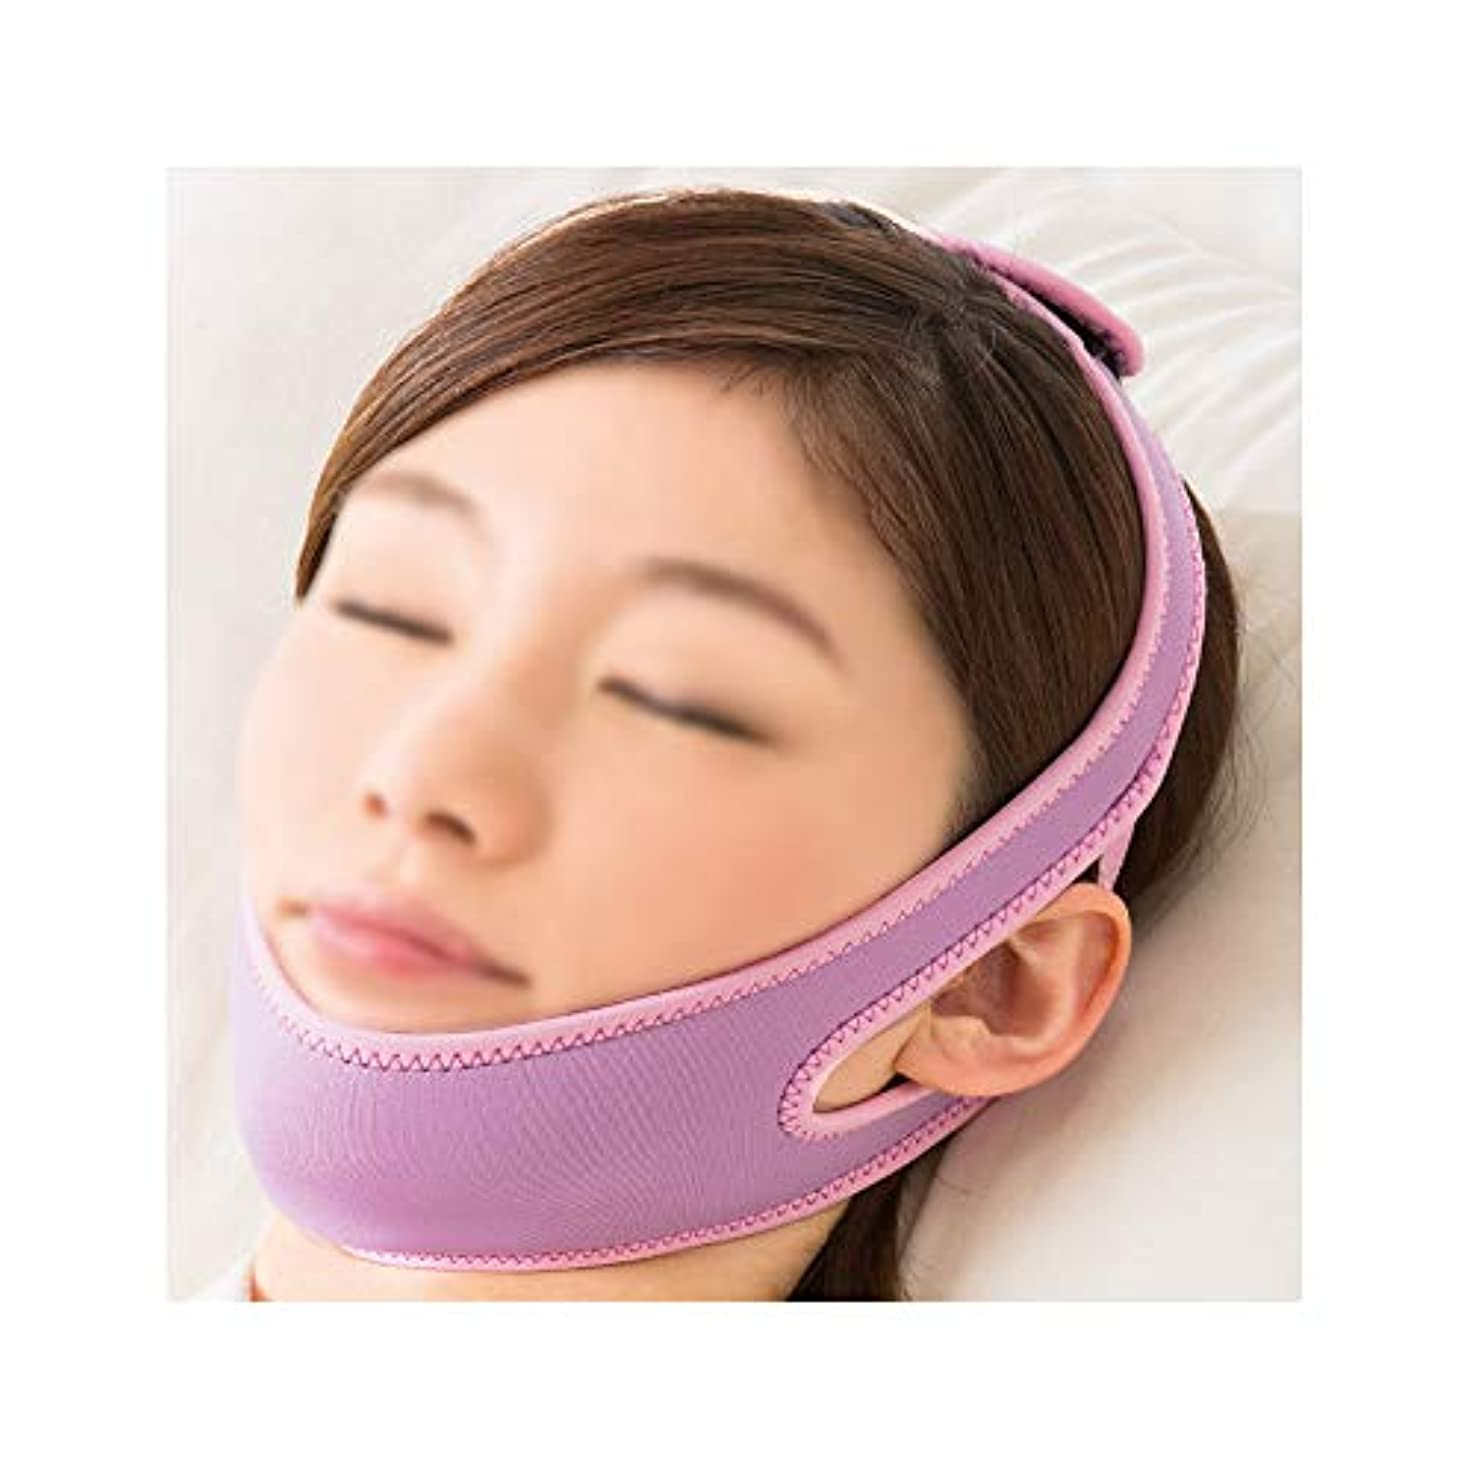 虎微弱廃止GLJJQMY マスクフェイスリフトアーチファクトマスク垂れ顔小さいVフェイス包帯通気性睡眠両面あごスーツ睡眠弾性痩身ベルト 顔用整形マスク